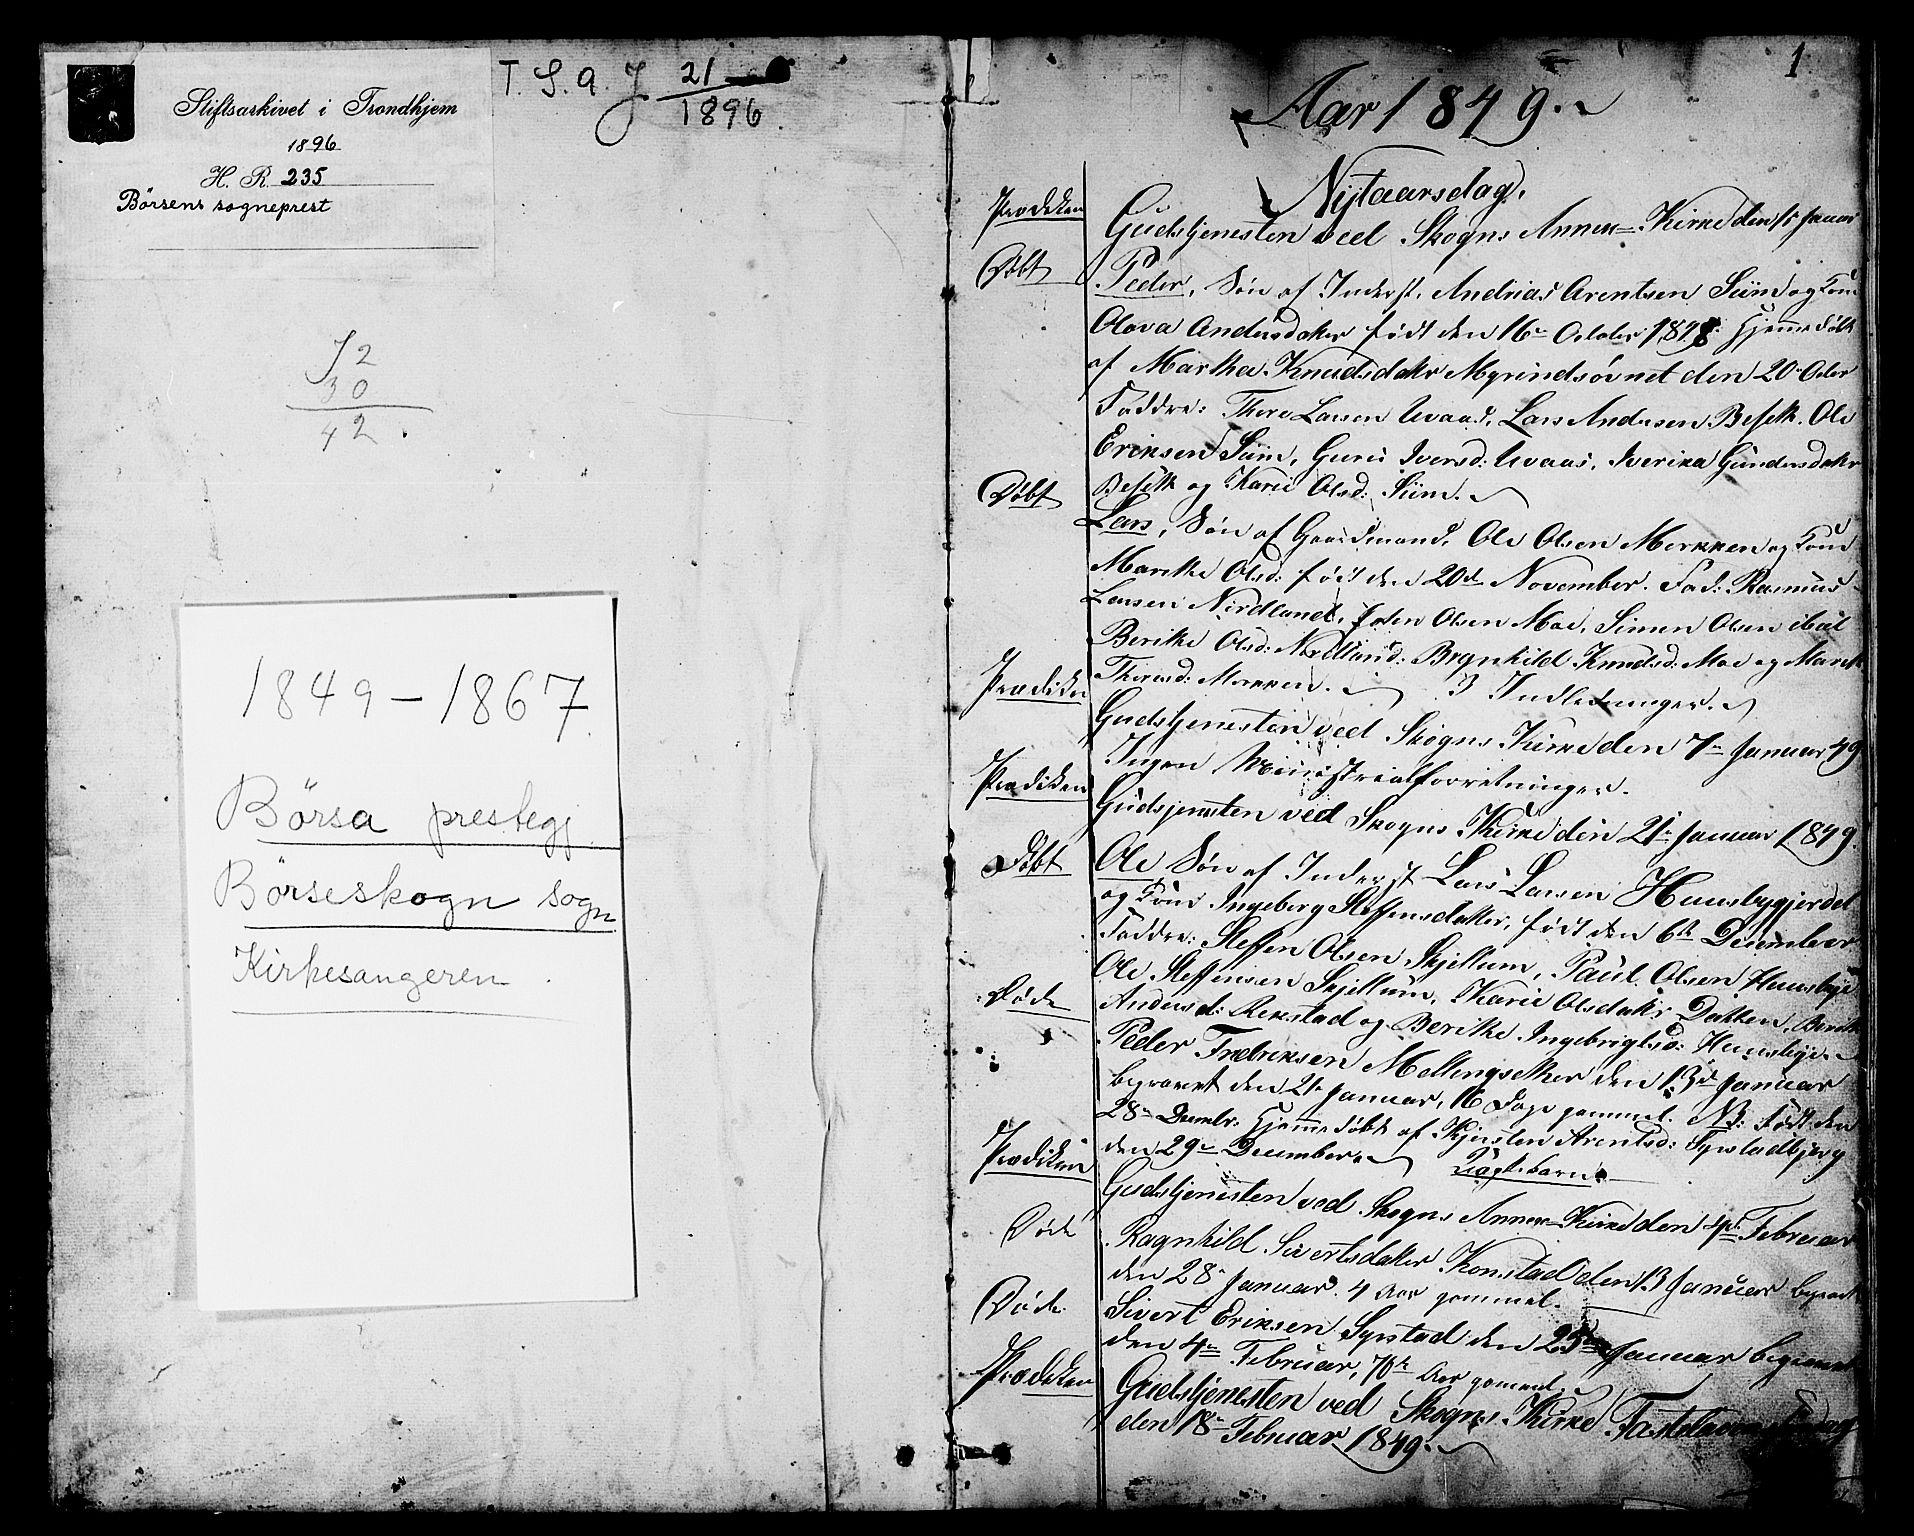 SAT, Ministerialprotokoller, klokkerbøker og fødselsregistre - Sør-Trøndelag, 667/L0797: Klokkerbok nr. 667C02, 1849-1867, s. 1